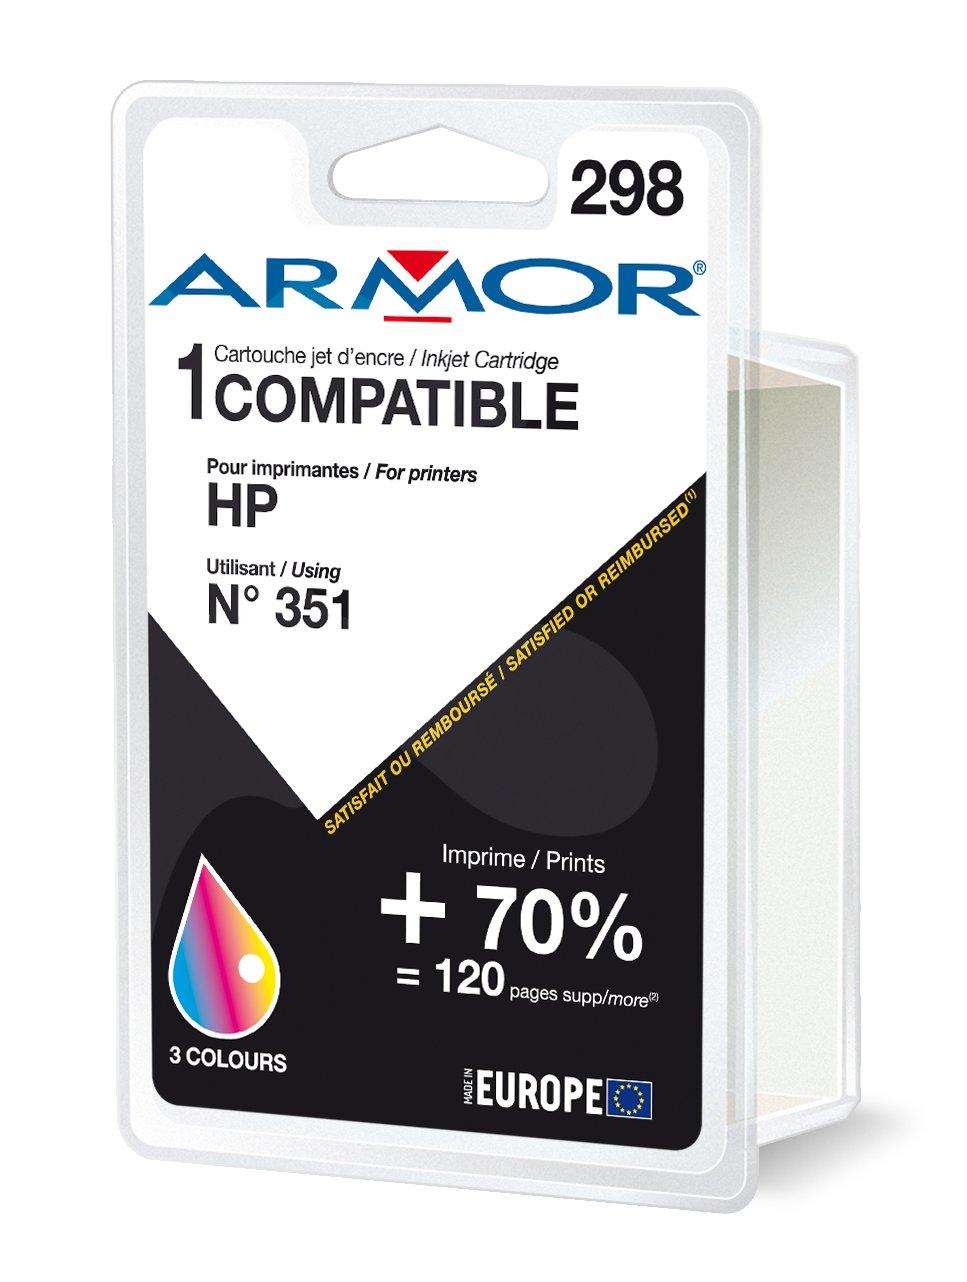 Armor K20272 cartucho de tinta Negro: Amazon.es: Electrónica